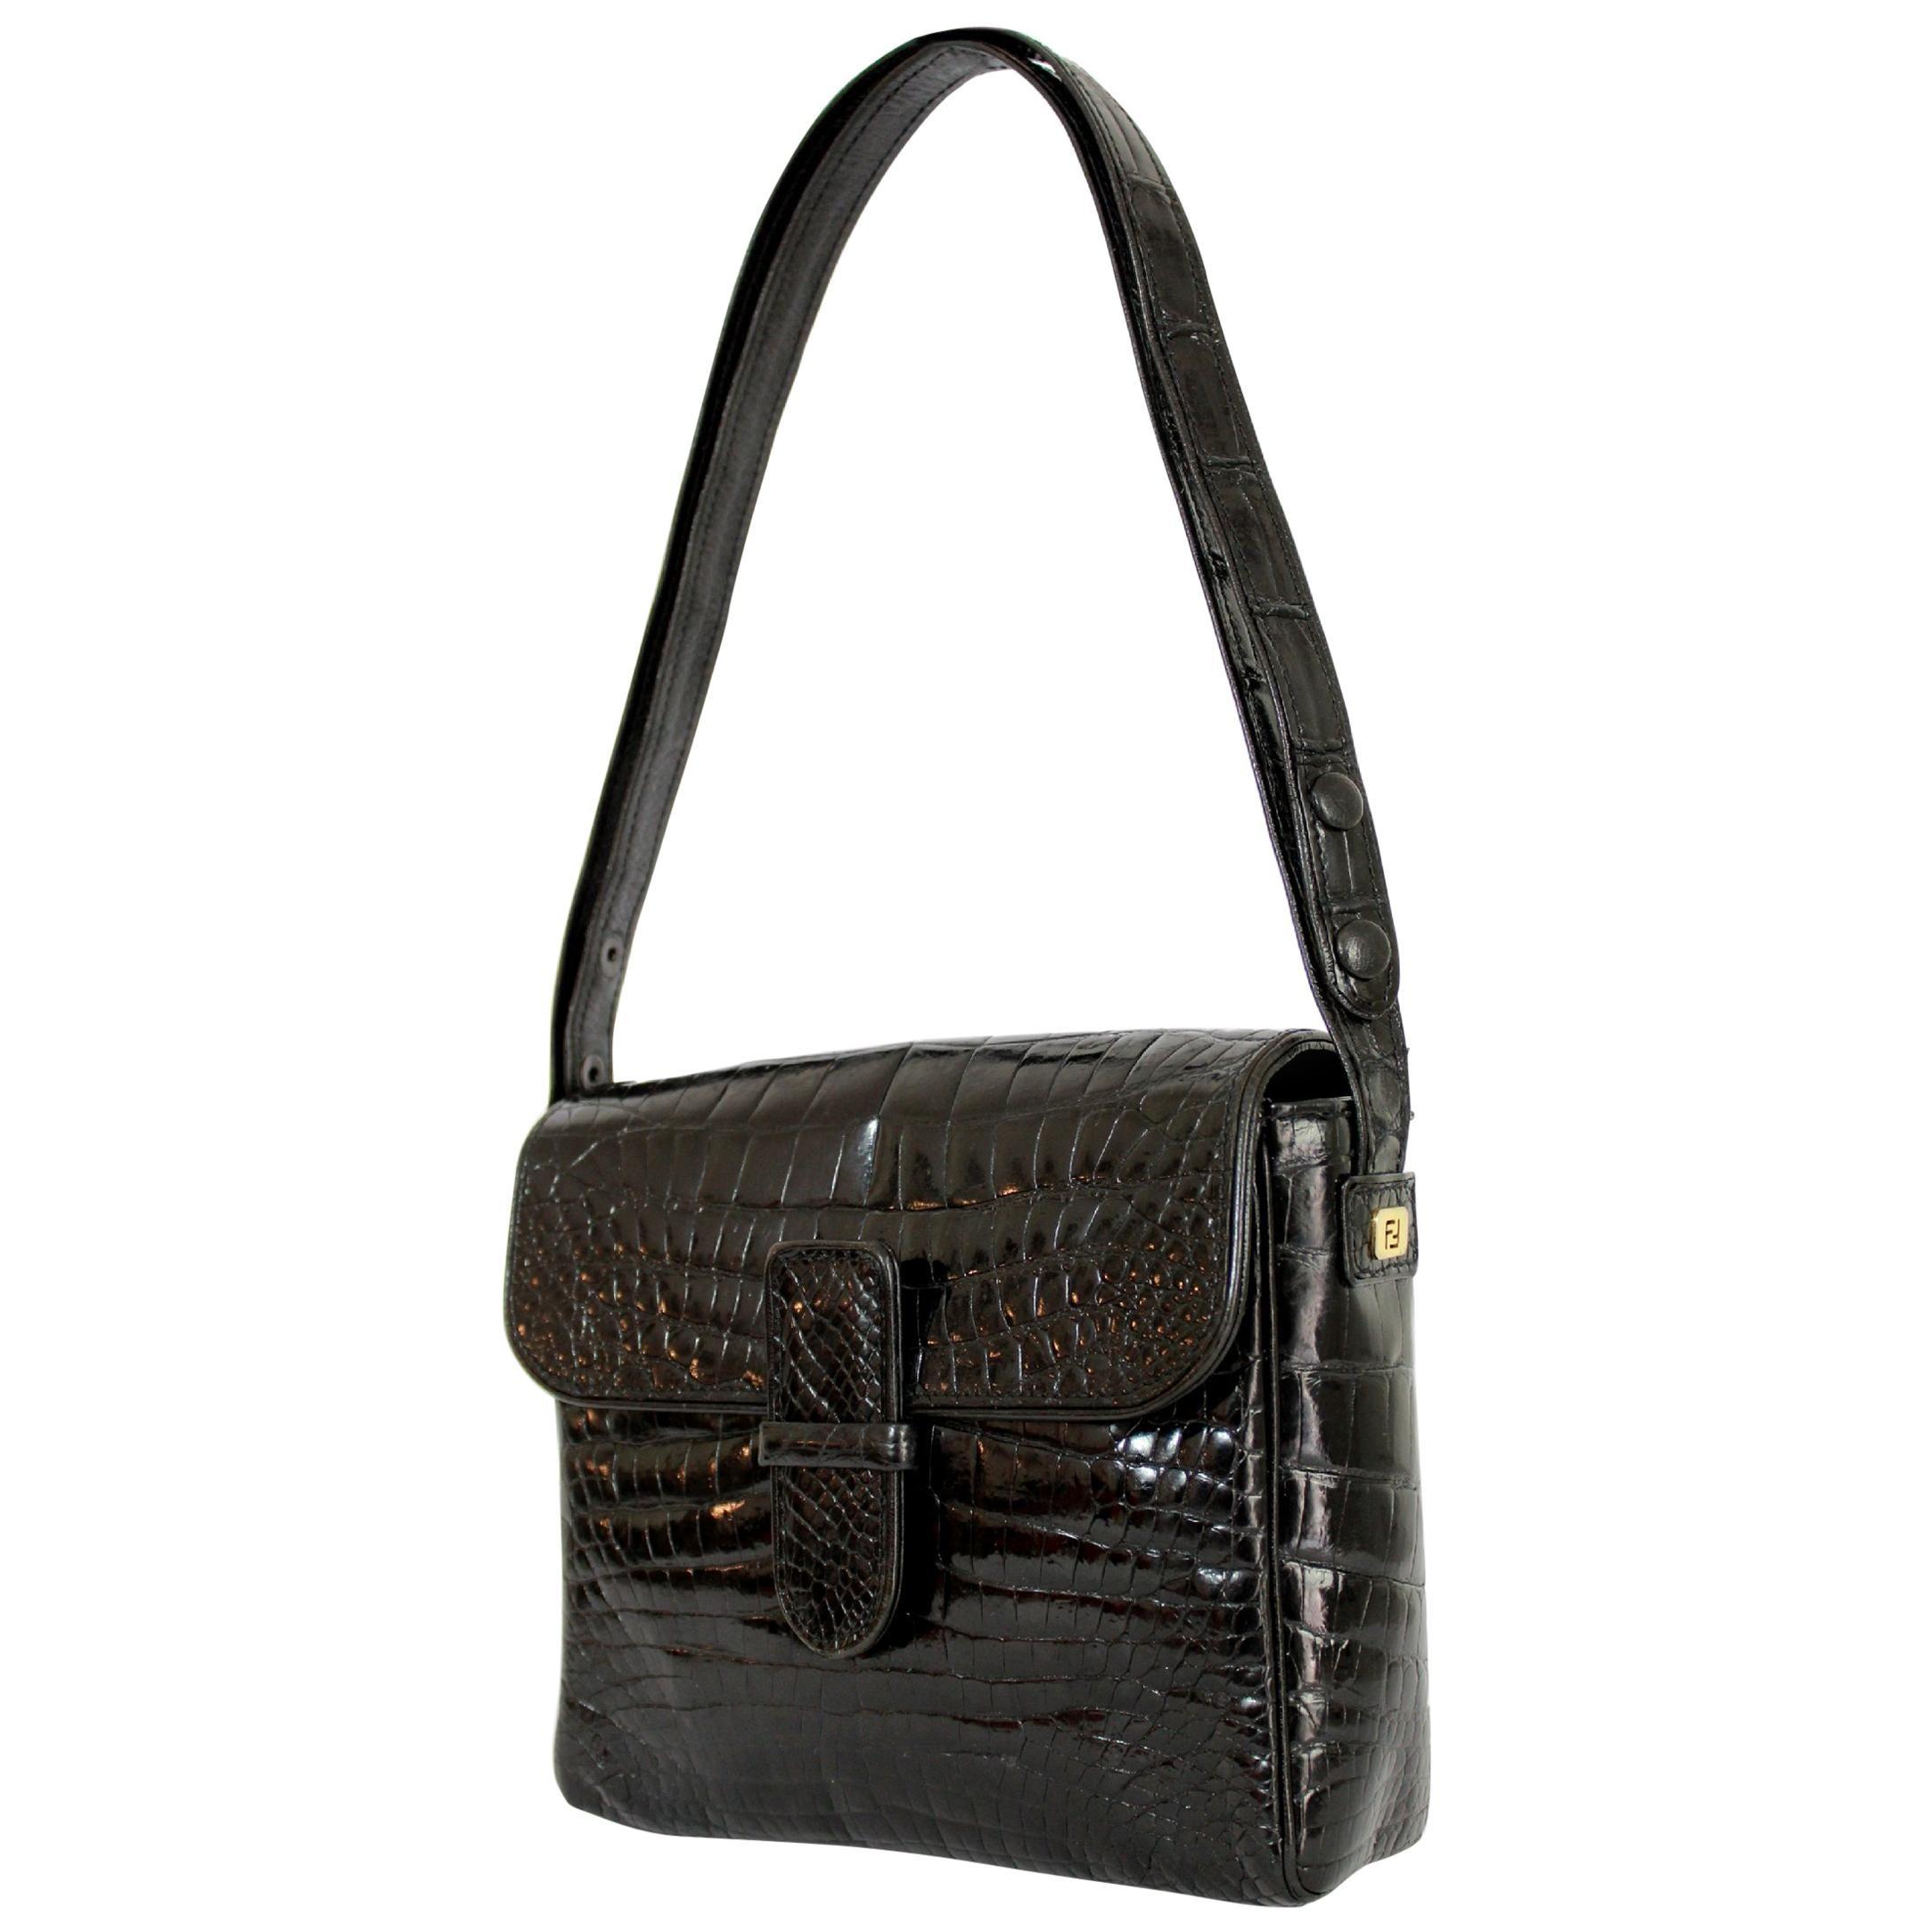 90069d45d02c Vintage and Designer Bags - 22,779 For Sale at 1stdibs